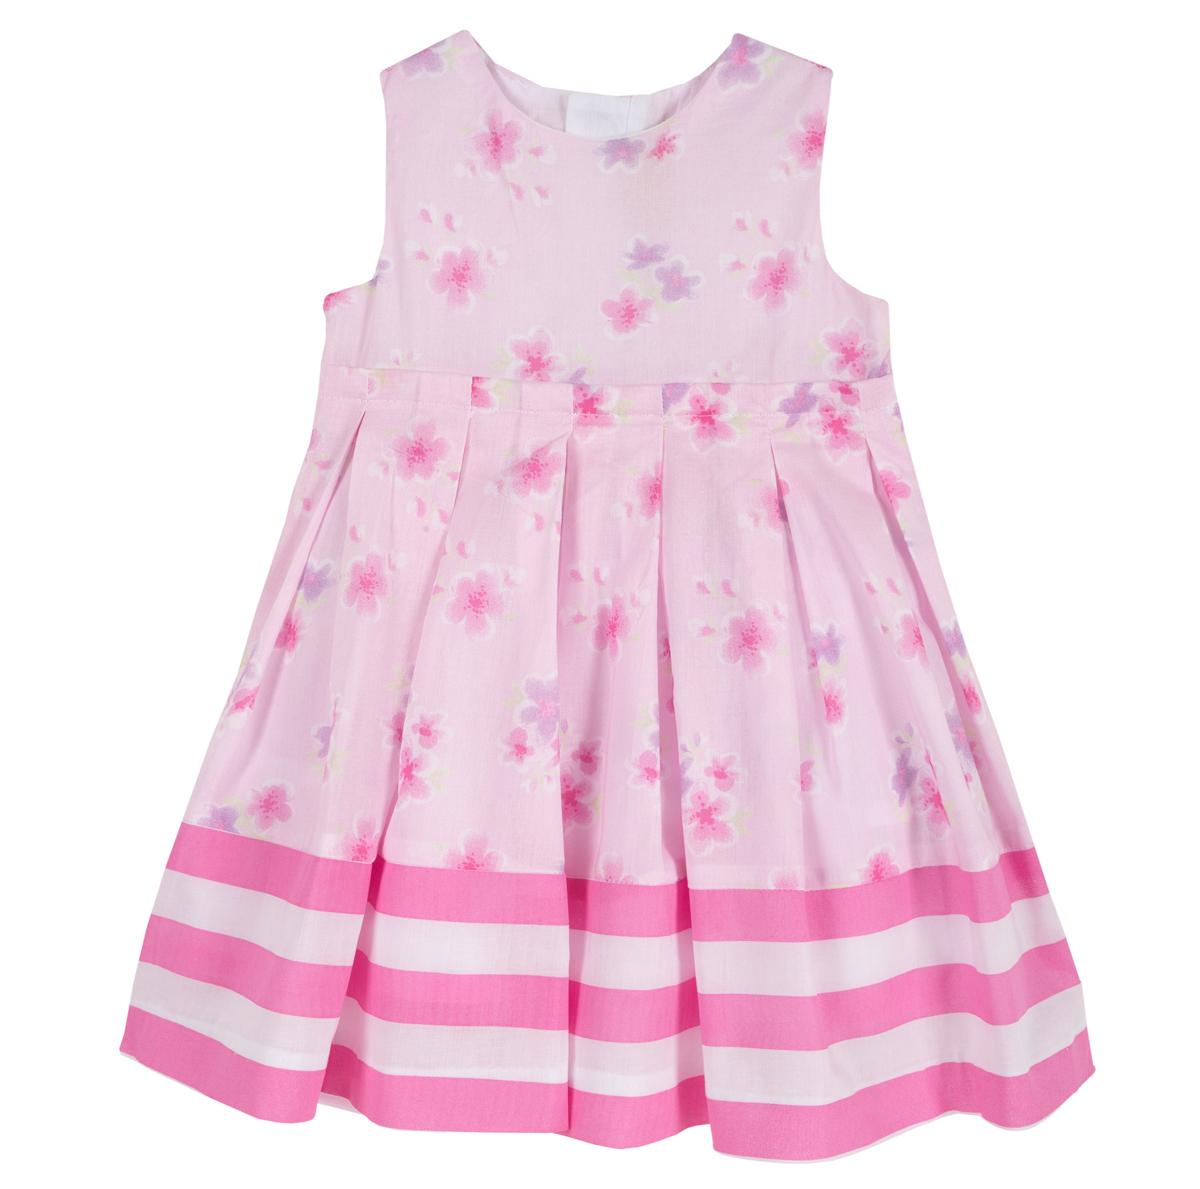 Rochita fara maneci Chicco, cu dublura, roz cu trandafiri, 03431 din categoria Rochii, Fuste